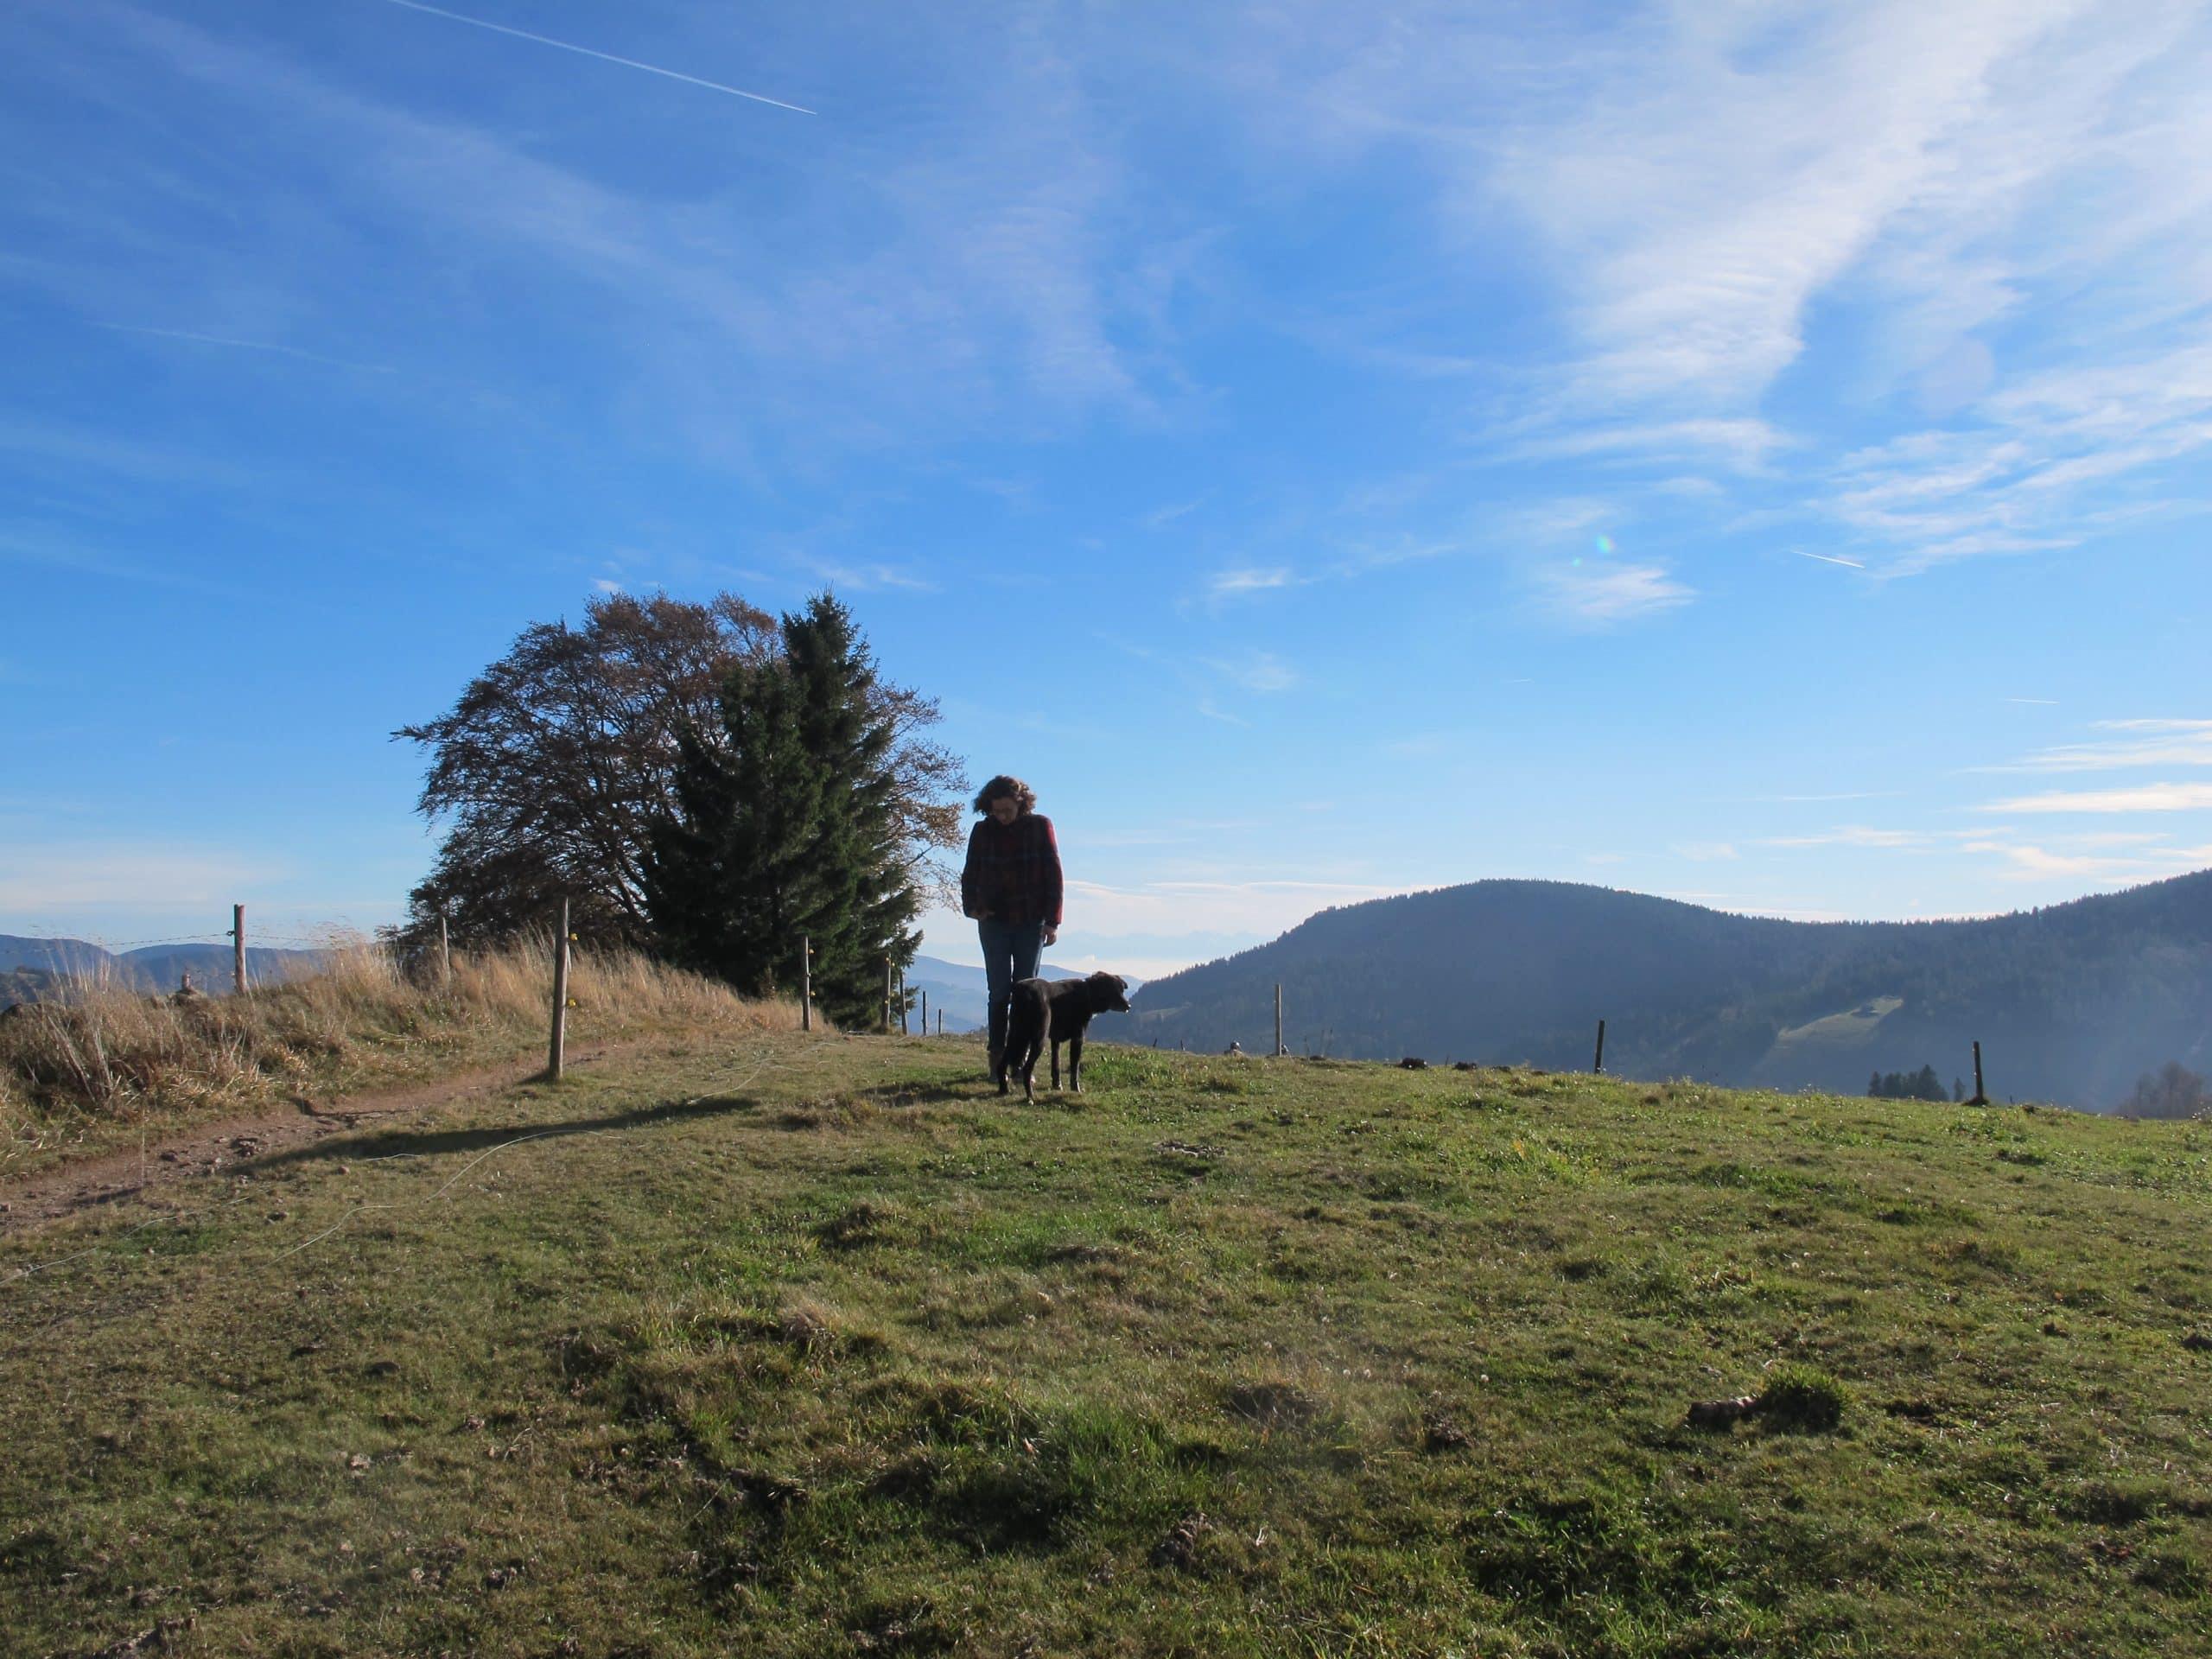 Coachee mit Hund während eines Wandercoachings